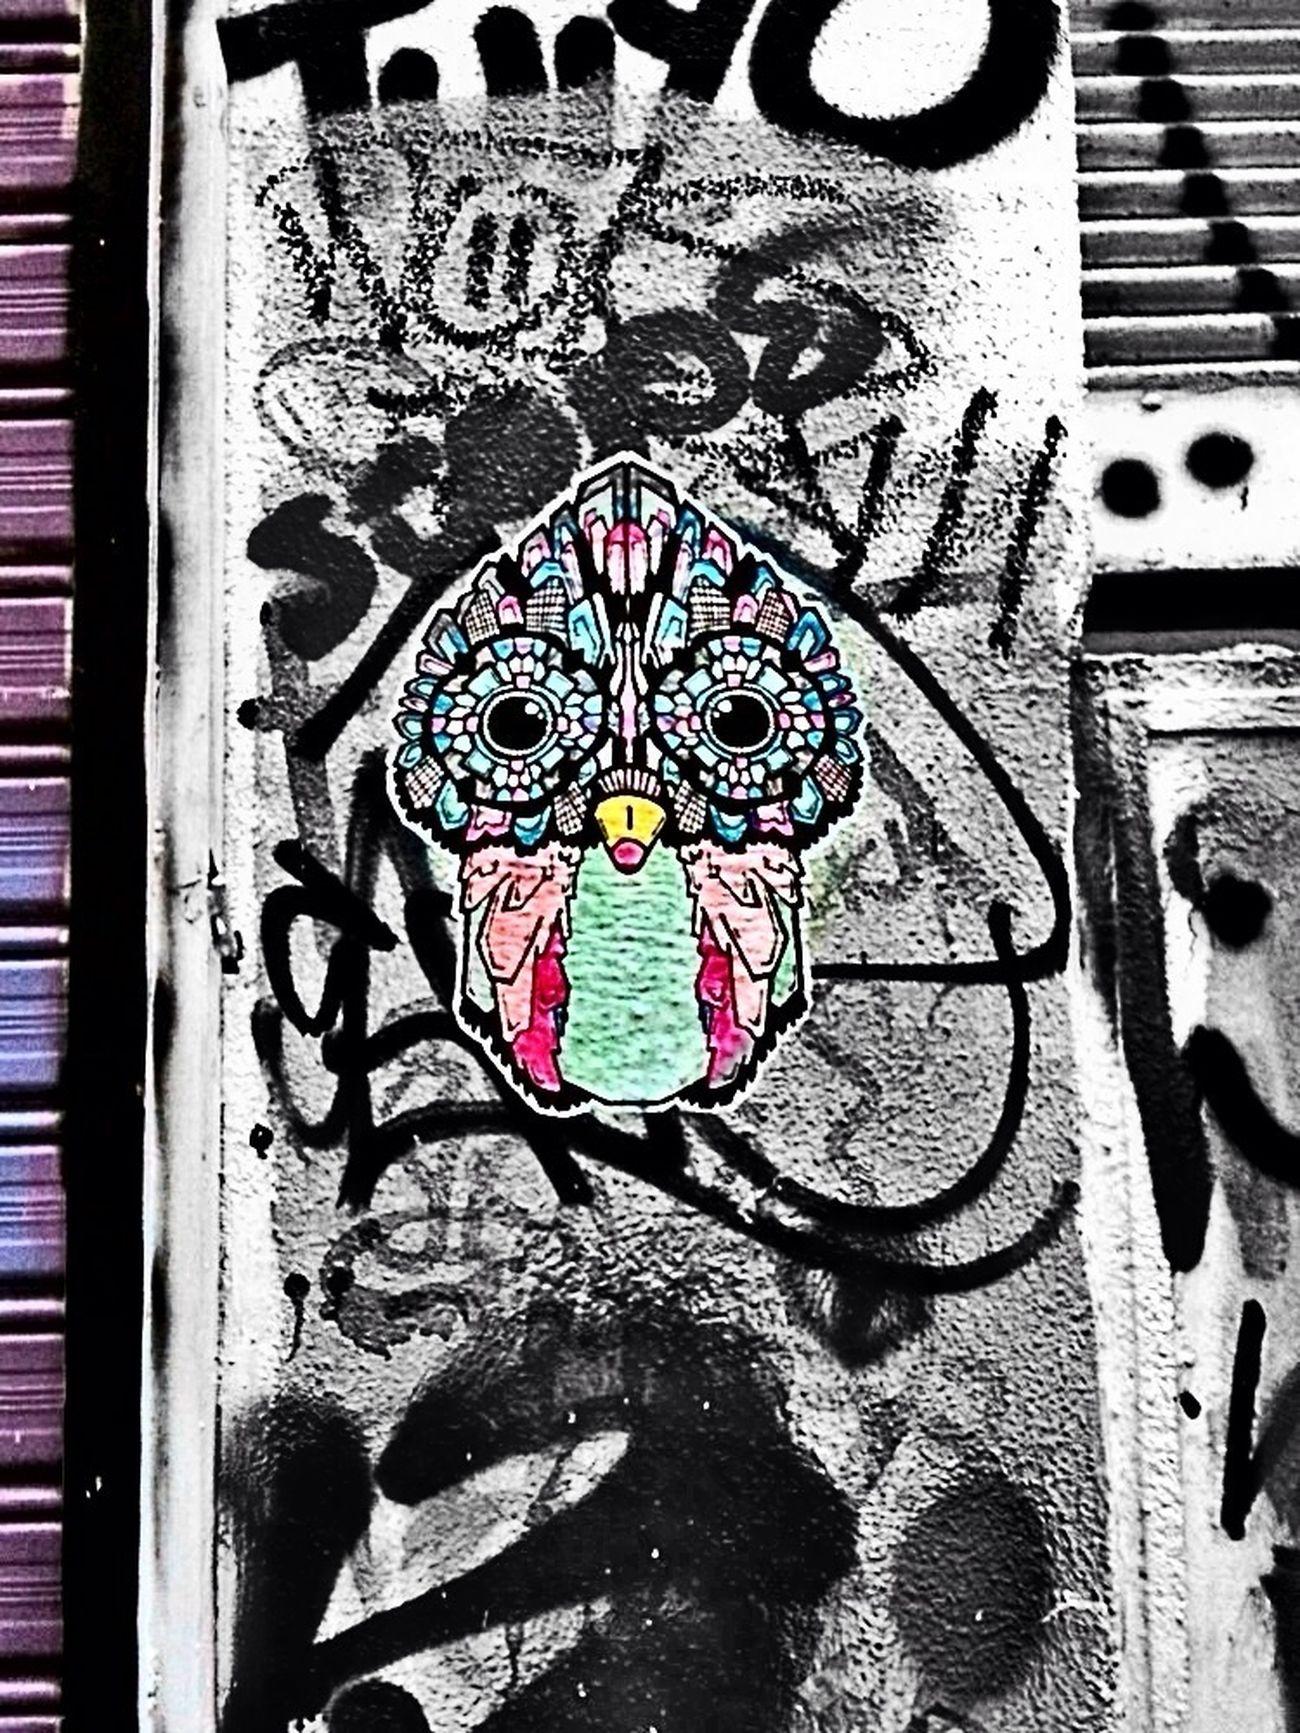 Streetart Zoezoi